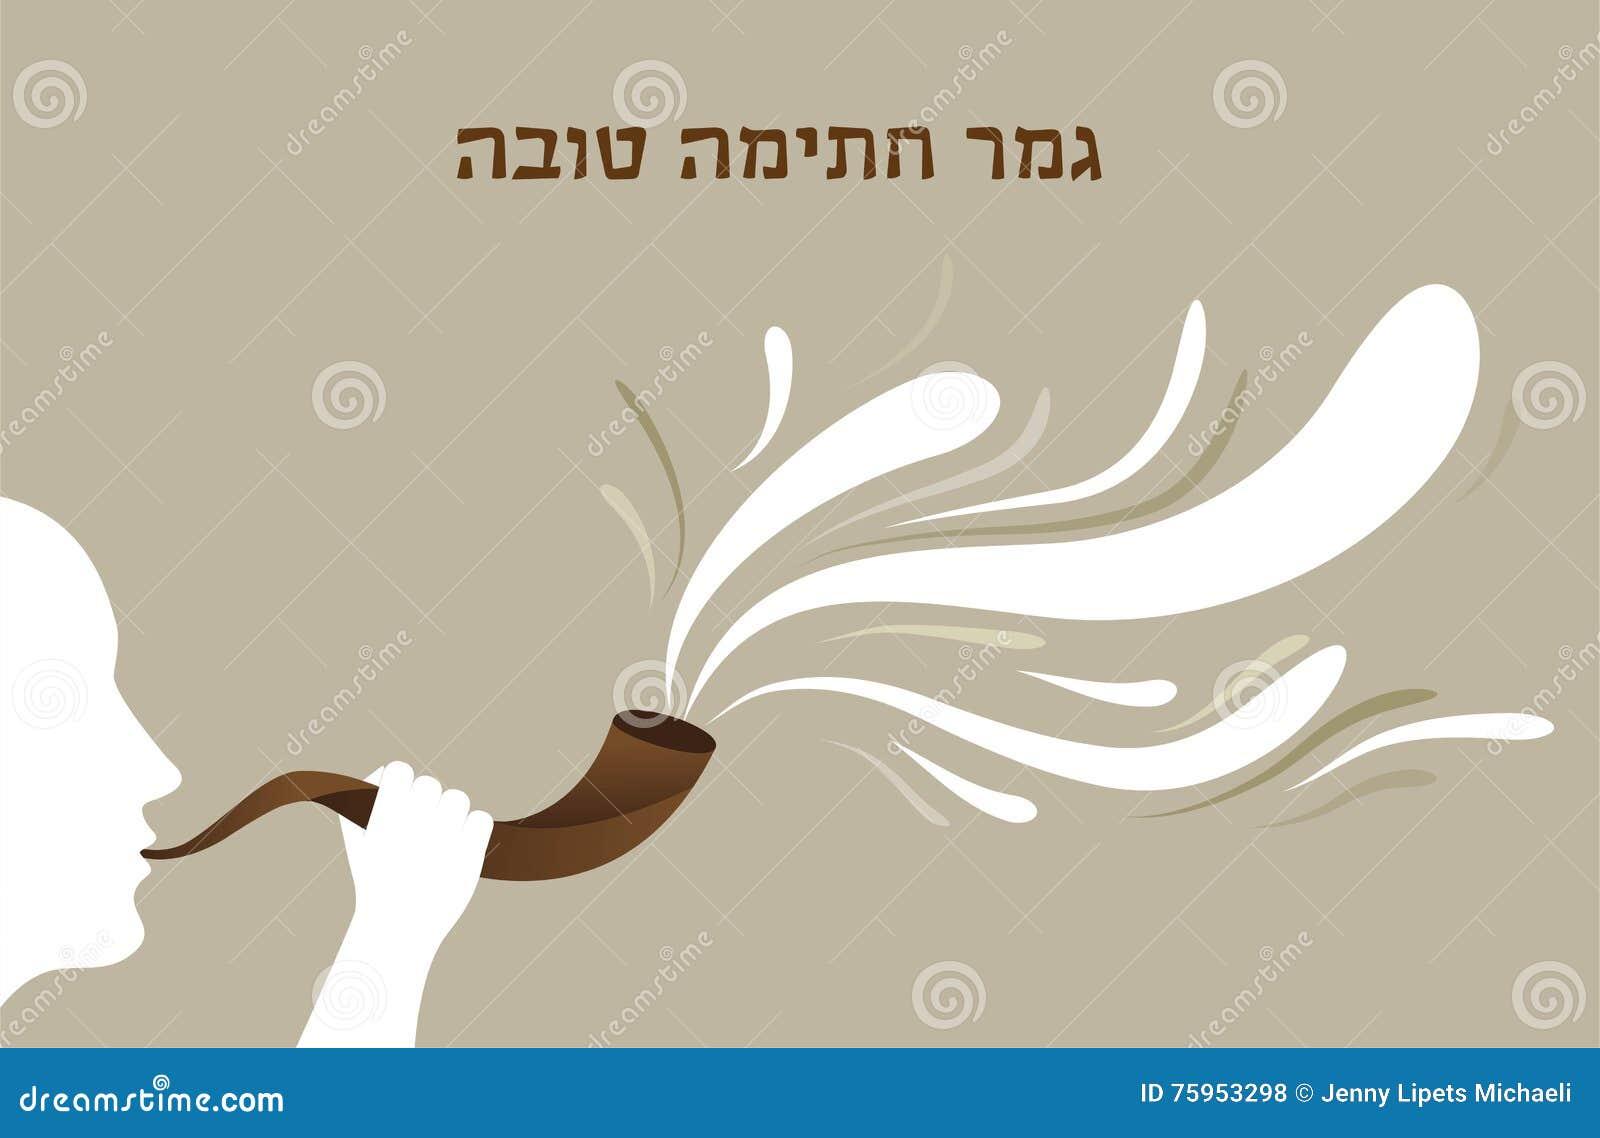 Homme retentissant un shofar, klaxon juif Pouvez vous être inscrit dans le livre de la vie pour de bon dans l hébreu